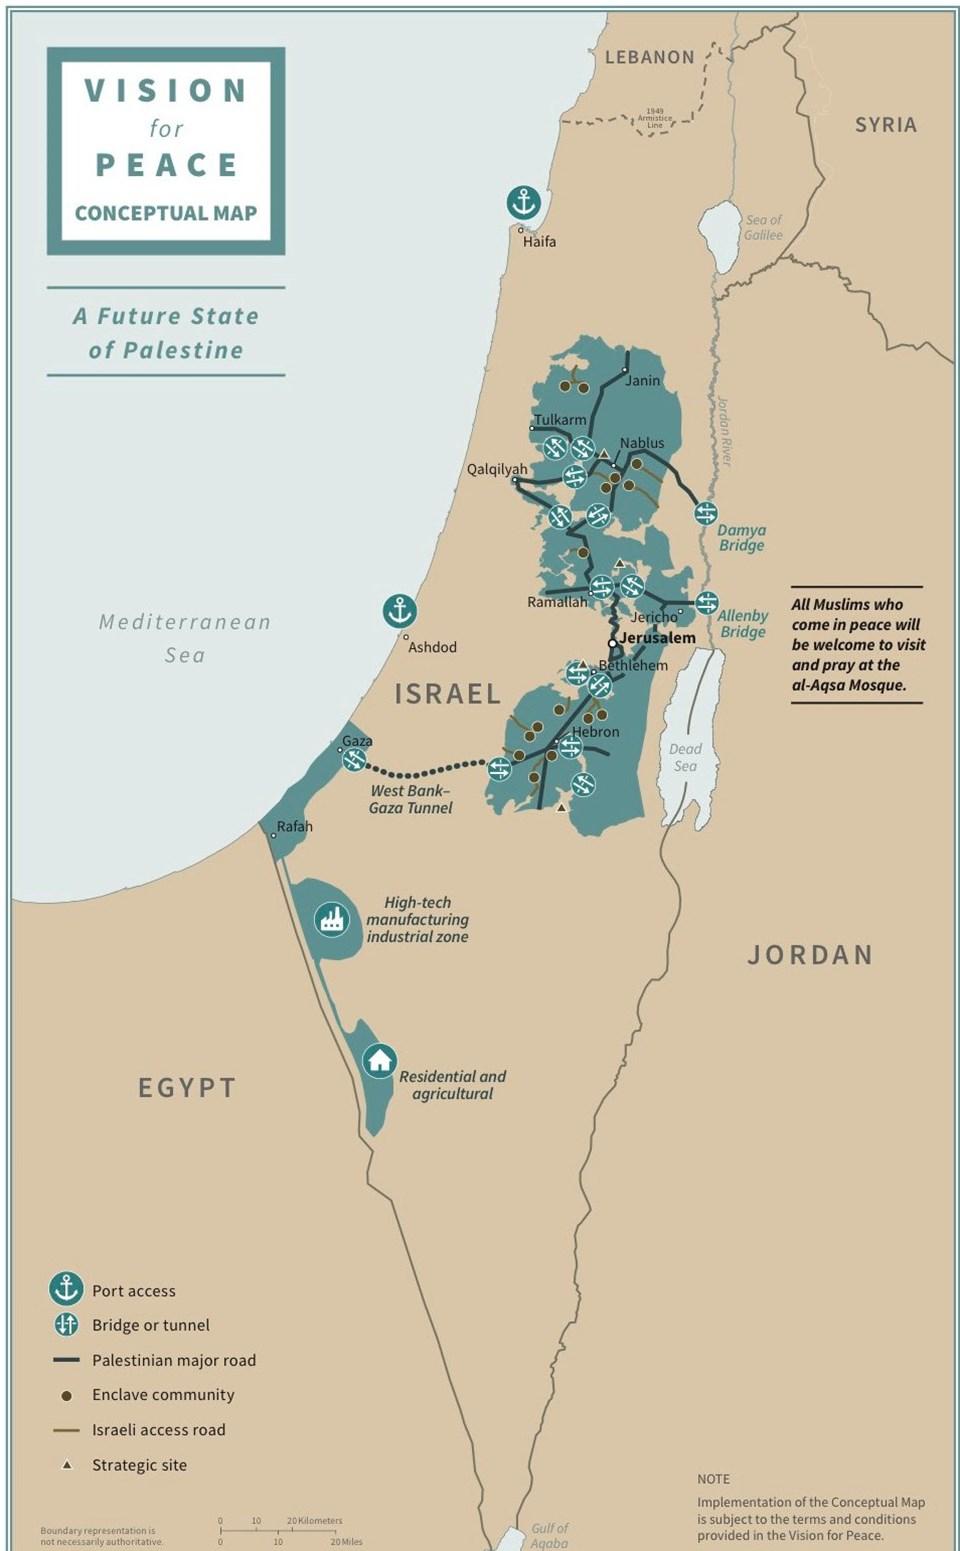 ABD Başkanı Donald Trump, tek taraflı Ortadoğu barış planı kapsamında öngörülen İsrail ve Filistin devletlerinin sınırlarını gösteren bir haritayı paylaştı.